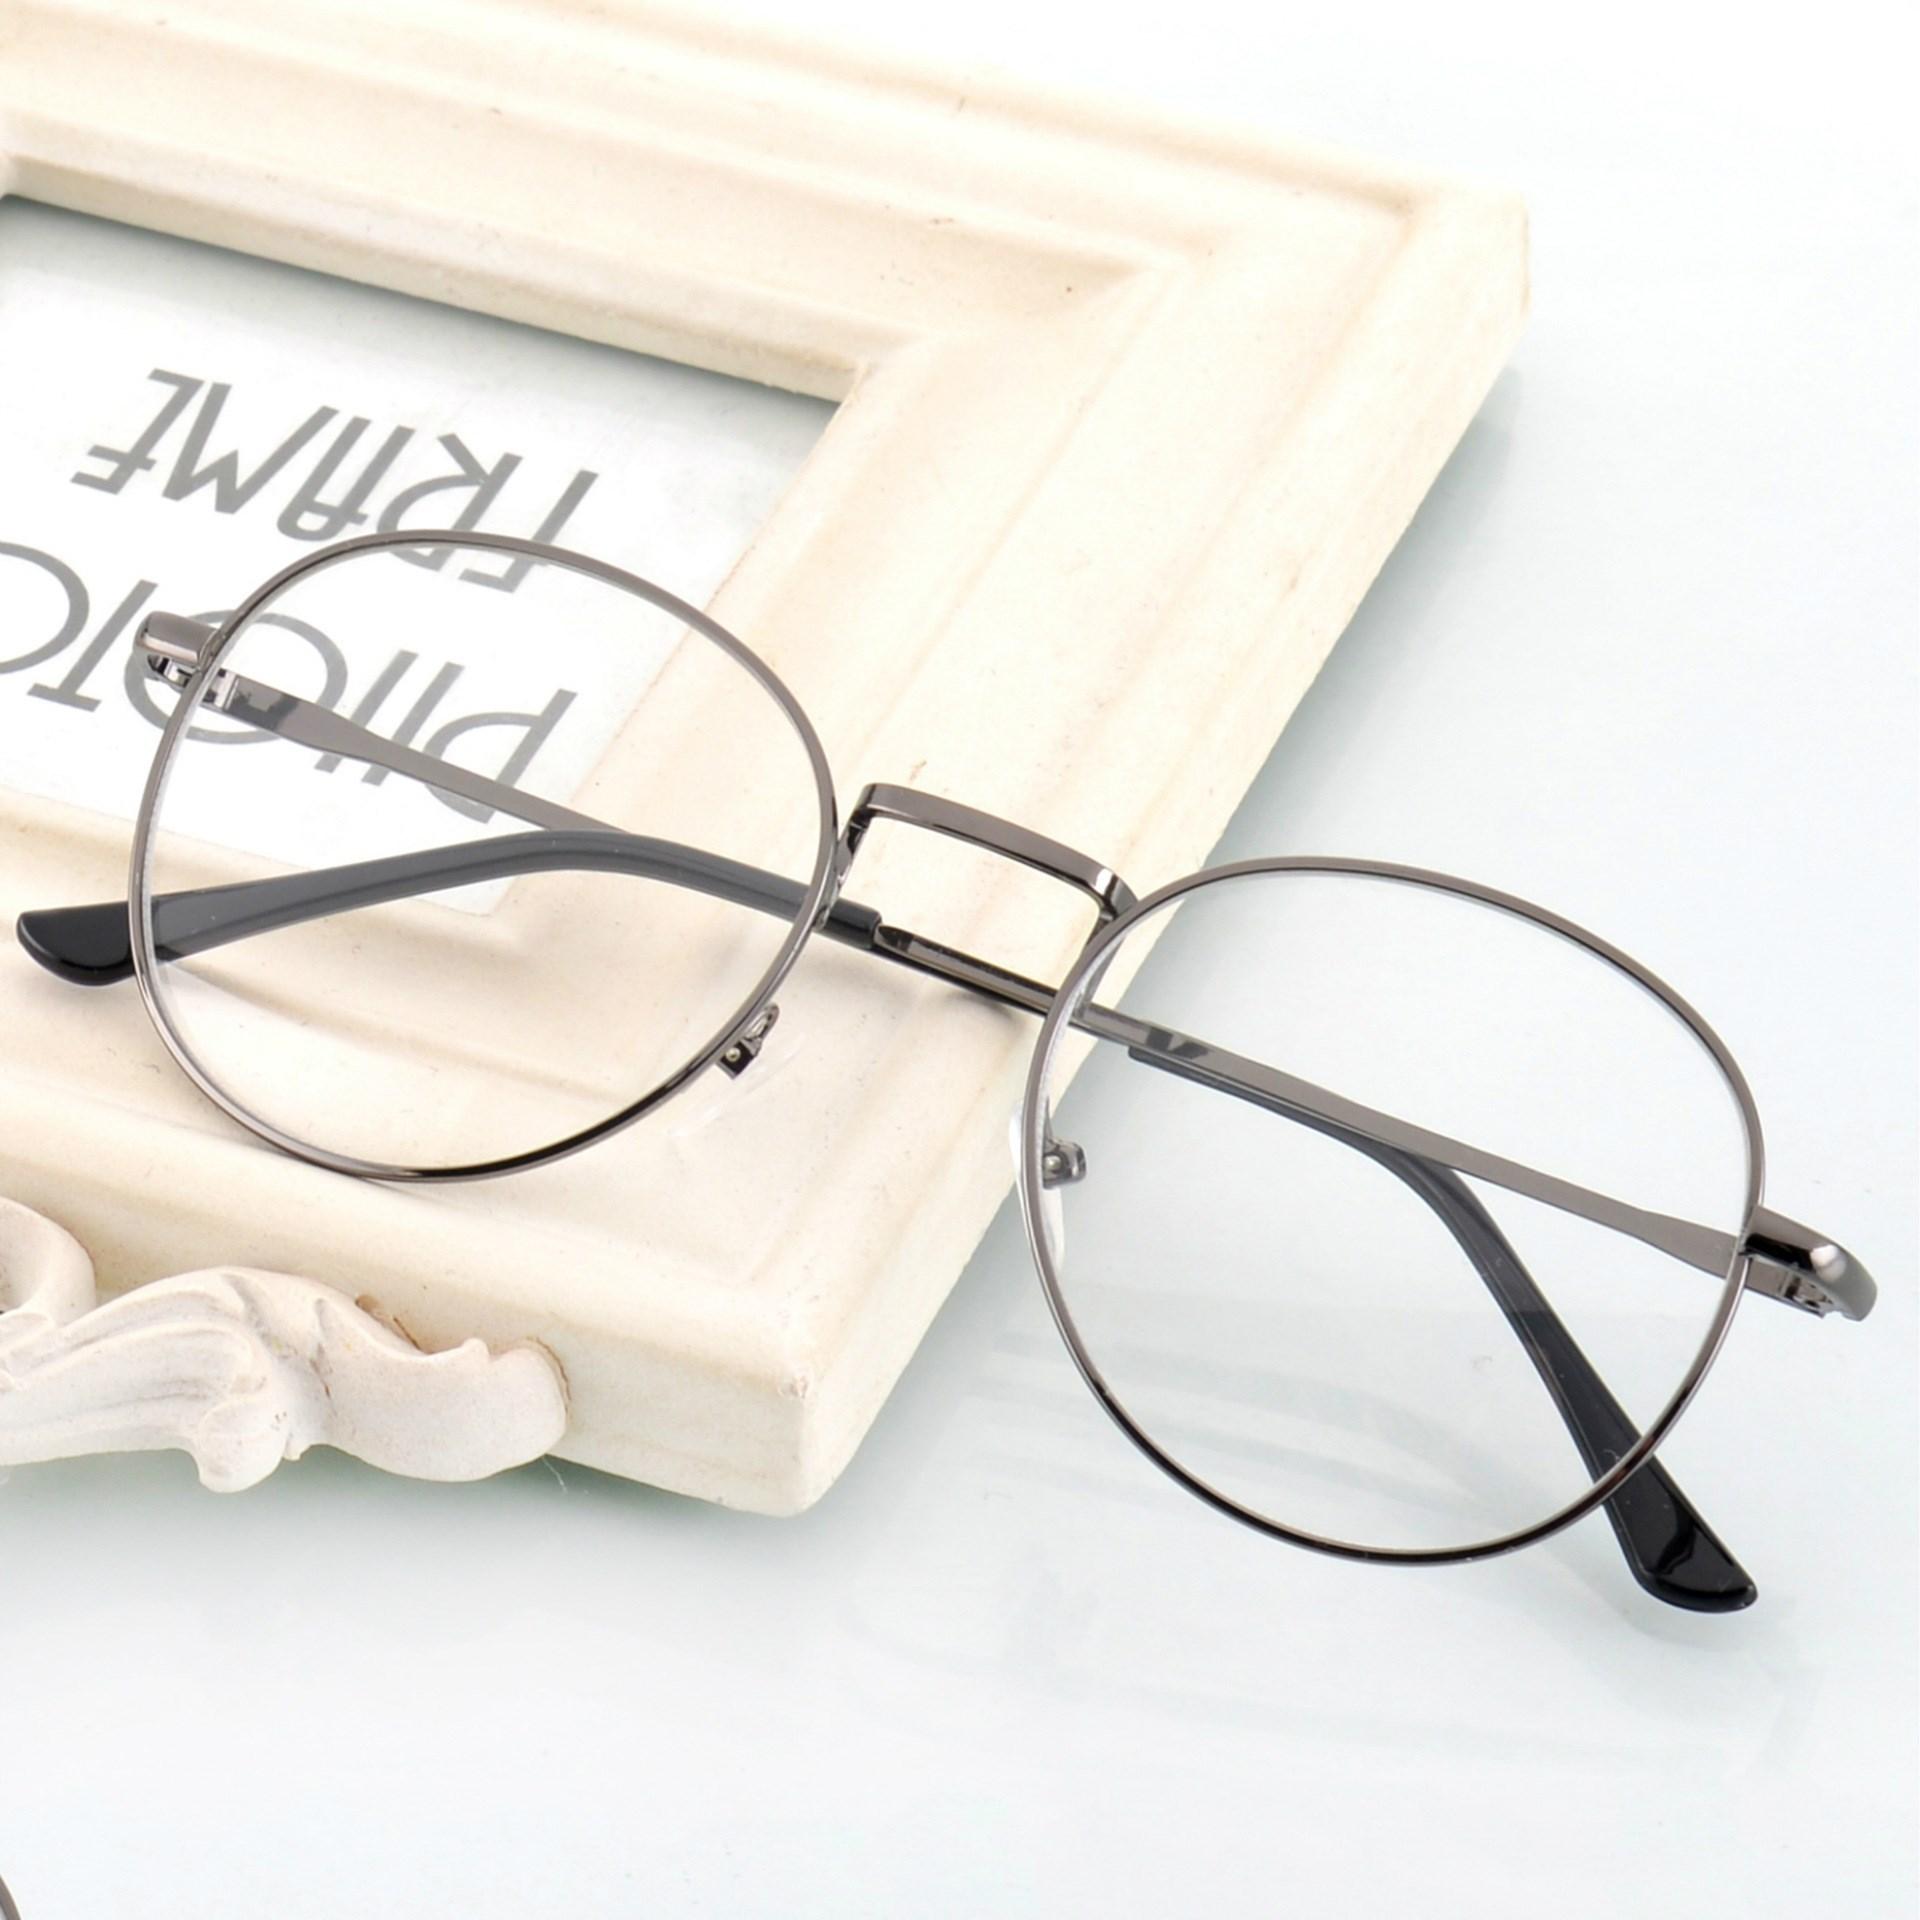 韩国文艺圆框眼镜双梁复古金属平潮人镜男女透明圆形连体框架眼镜